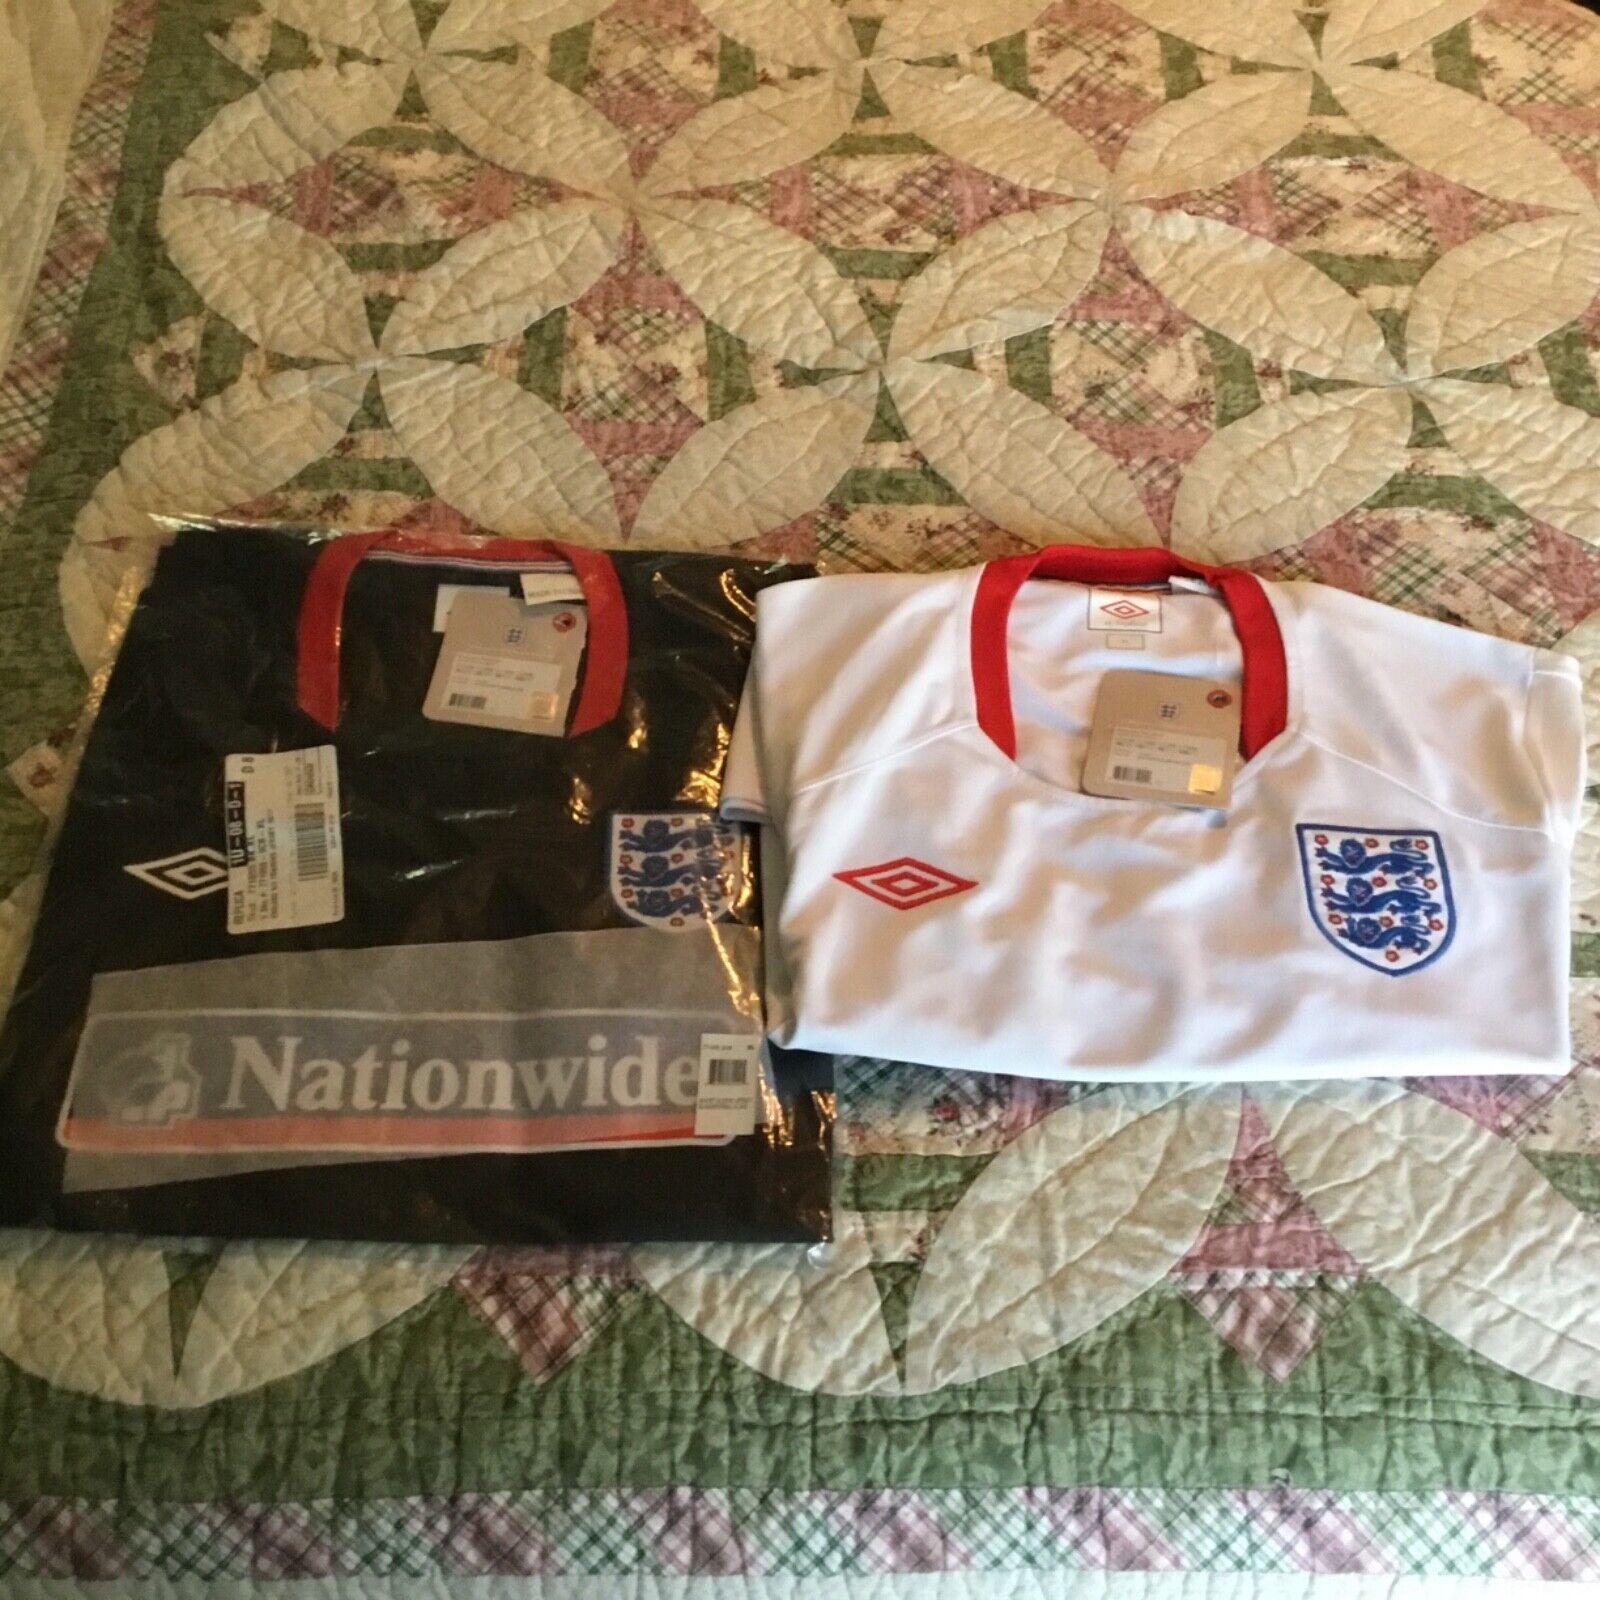 Lote de 2 camisetas de entrenamiento nacional de fútbol Inglaterra, hogar y lejos Nuevo con etiquetas, XL, UMBRO